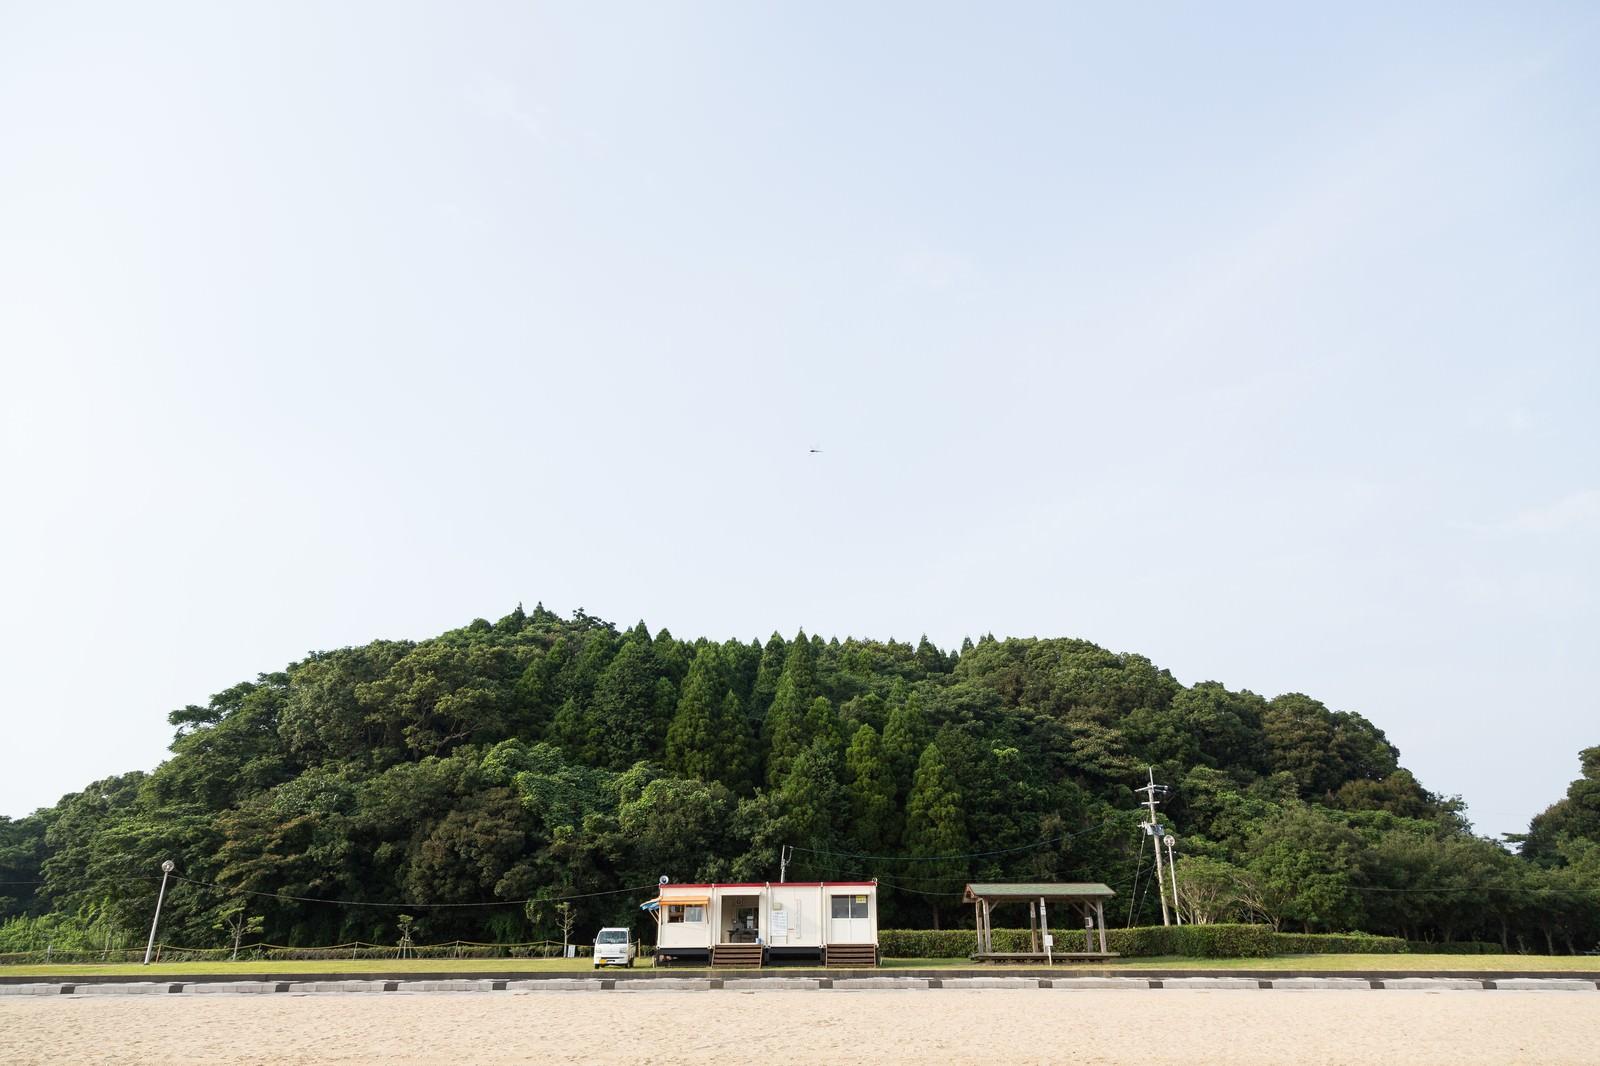 「イマリンビーチ(伊万里人工海浜公園)」の写真